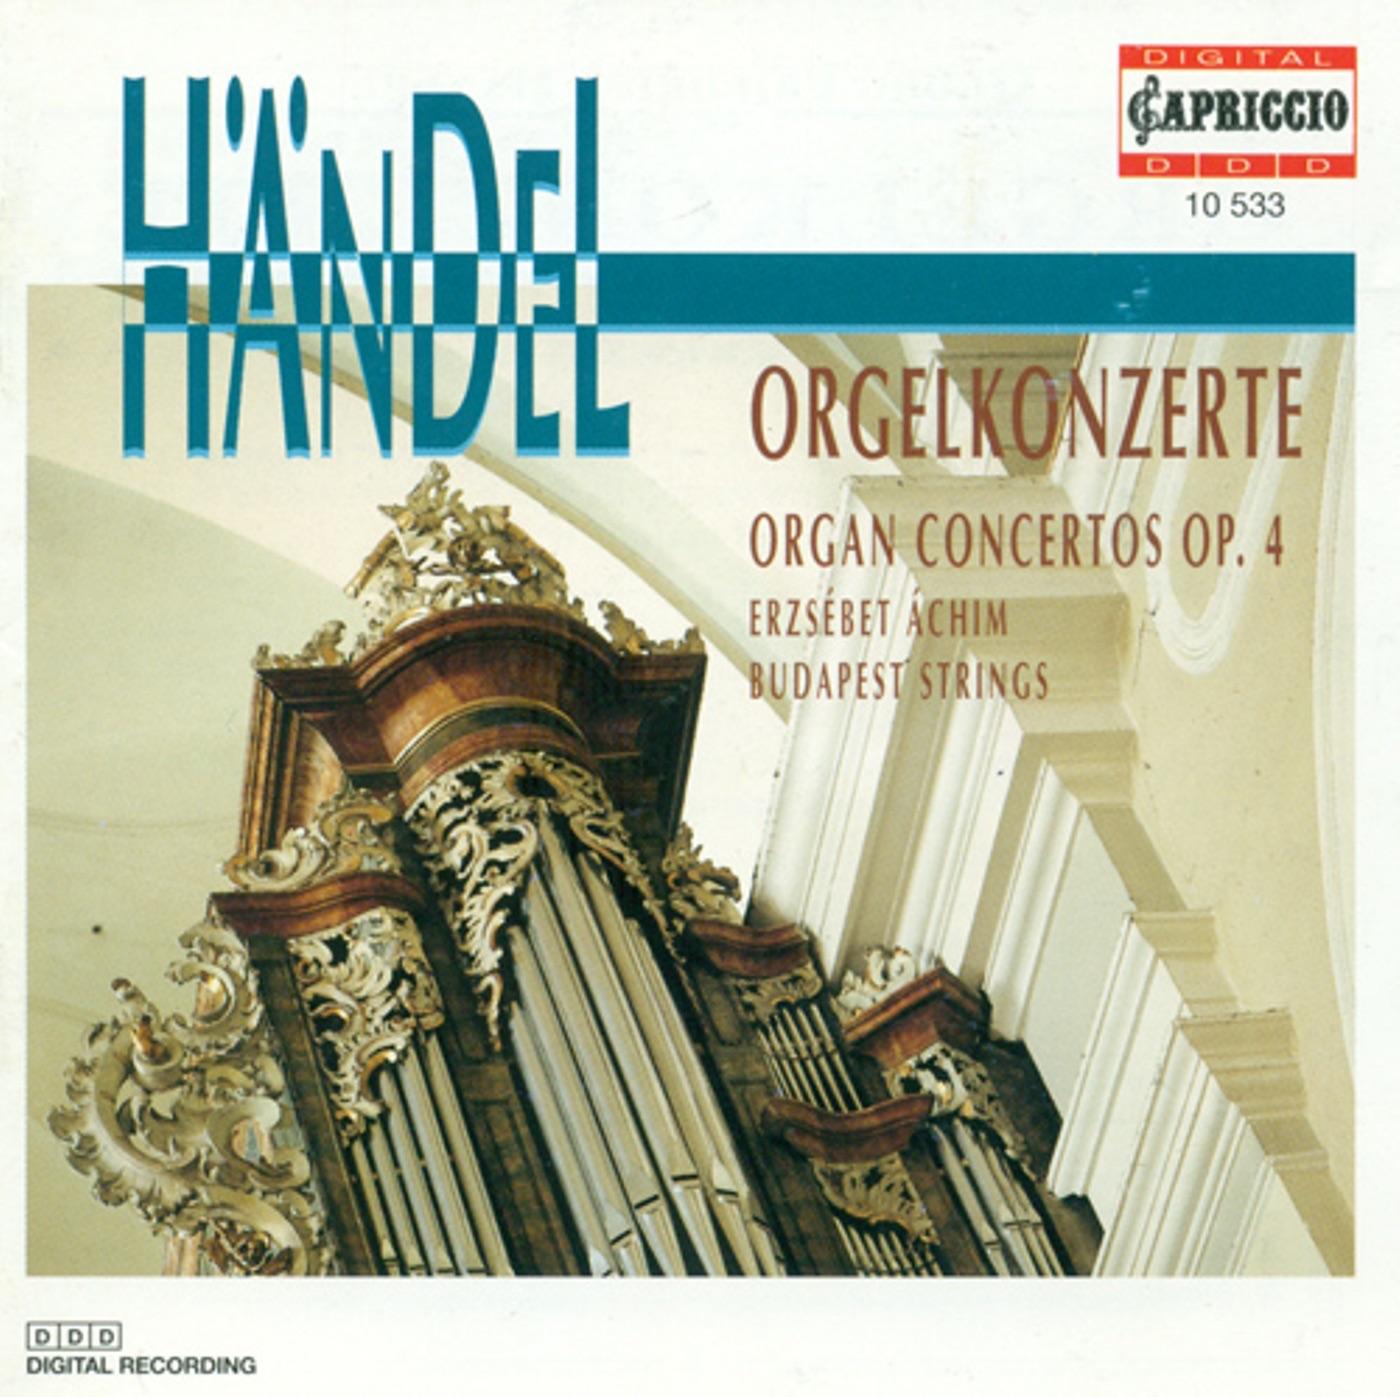 Handel, G.F.: Organ Concertos Nos. 1-6